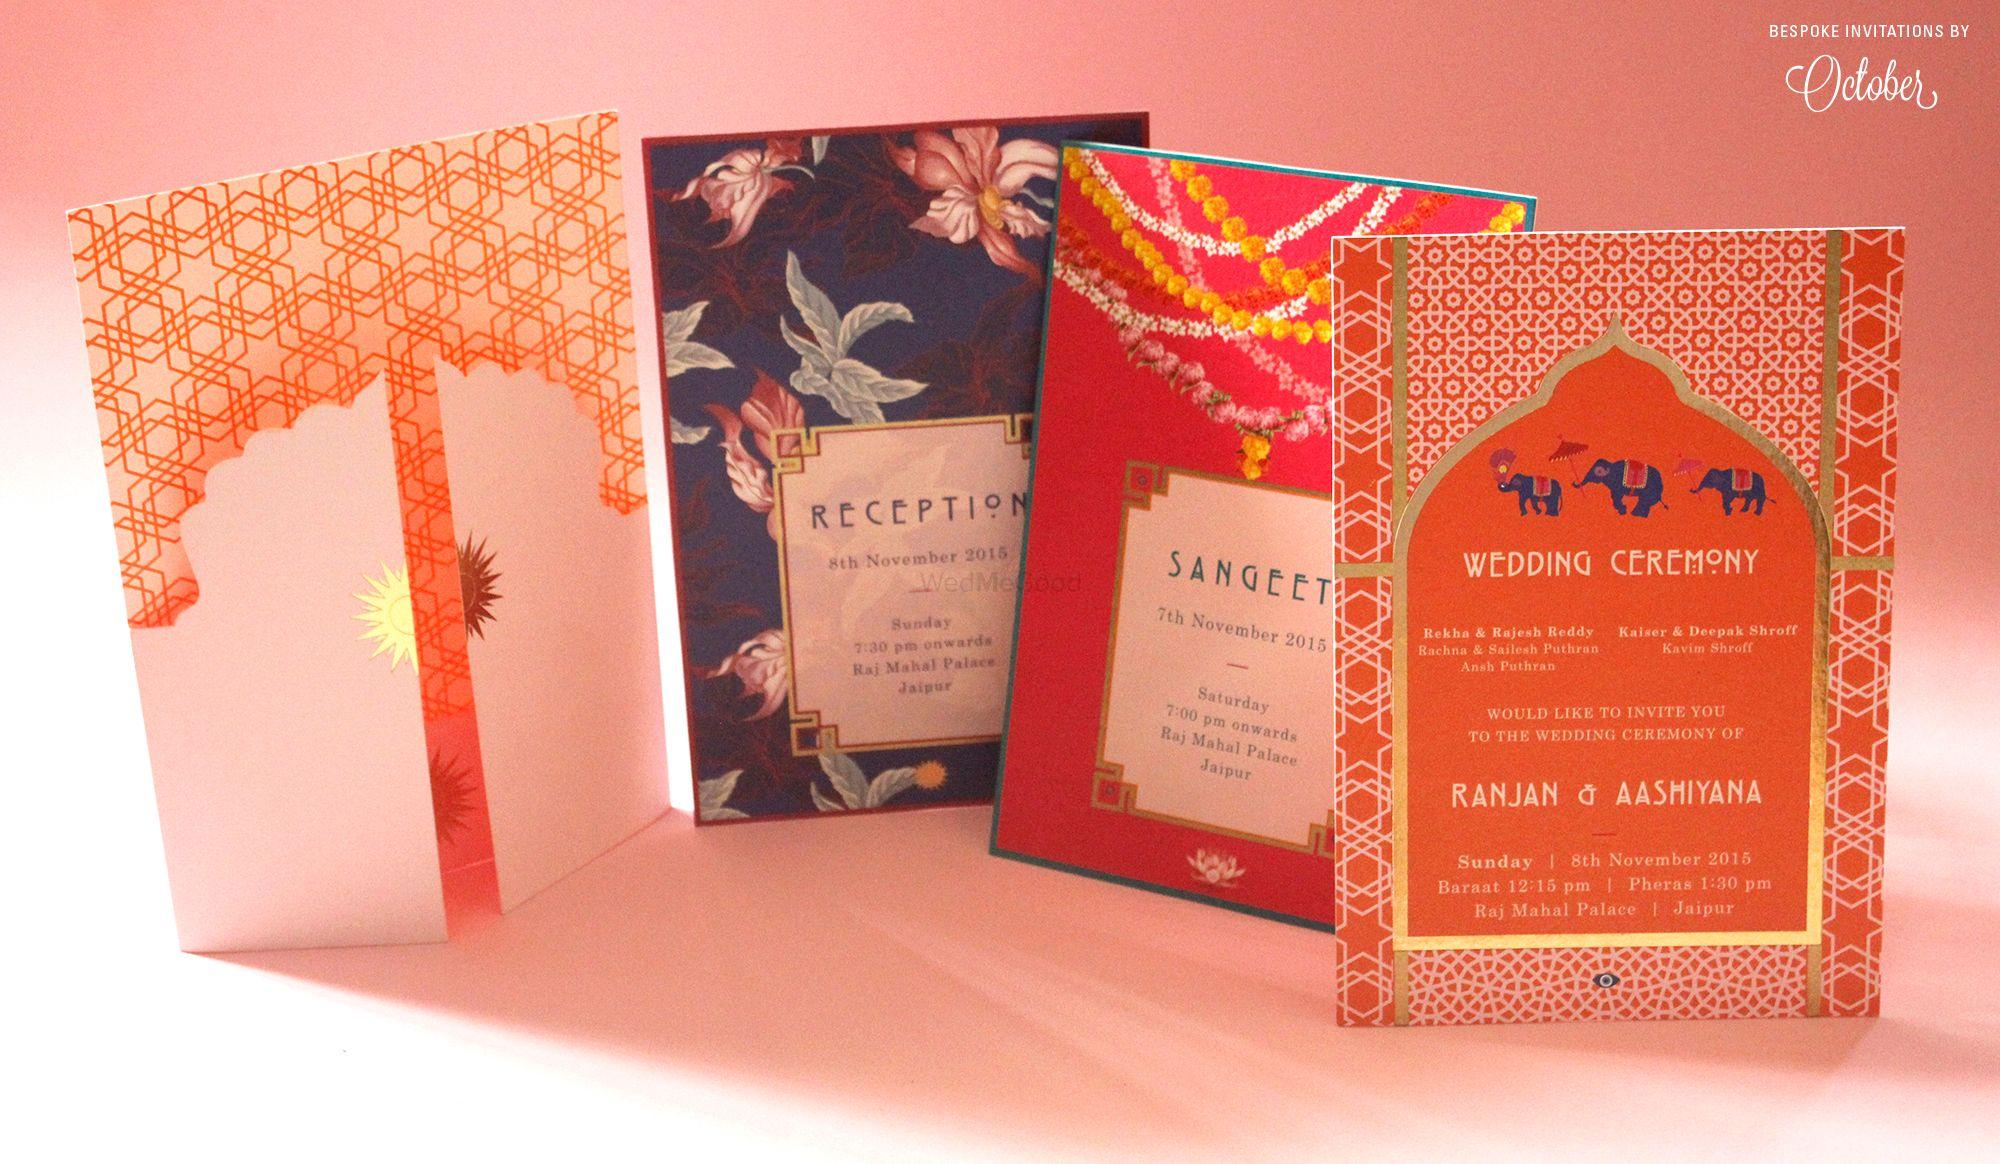 Best Wedding Invitation Cards - Designers in Mumbai